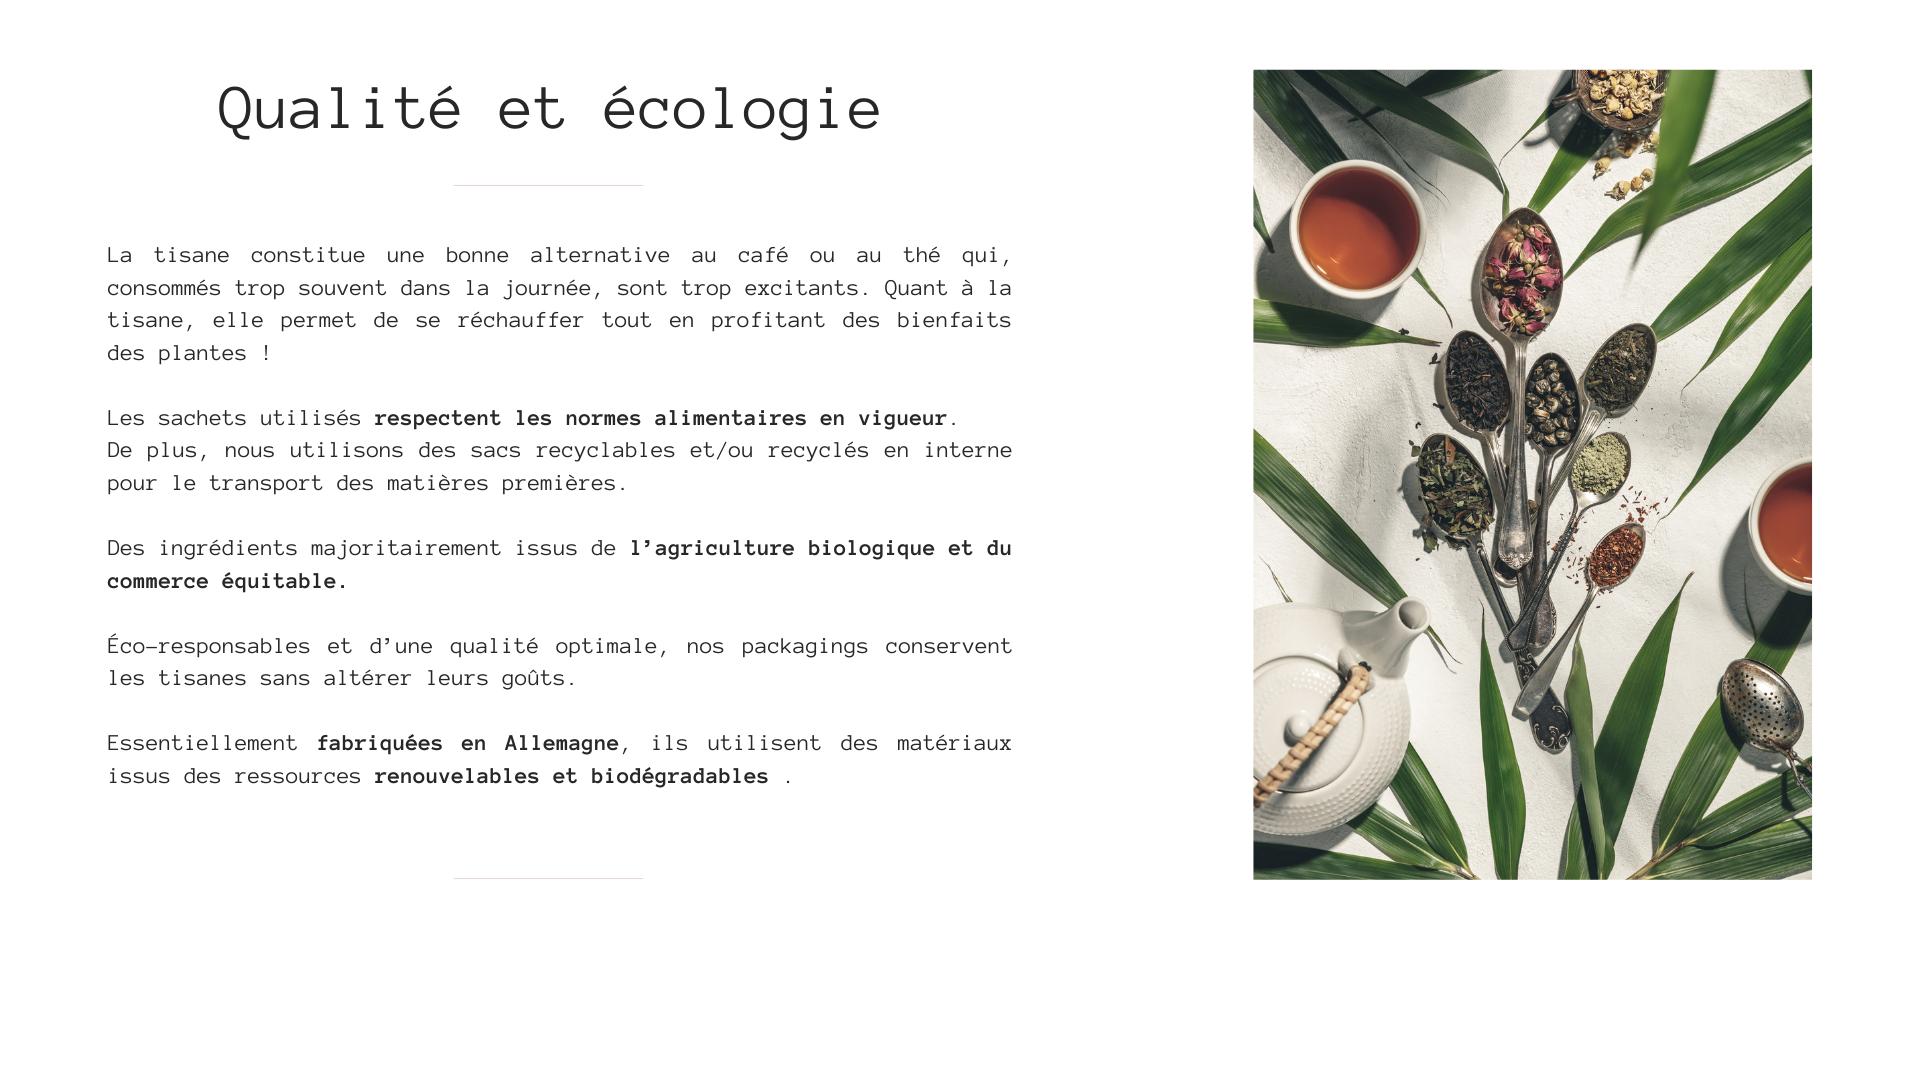 infusions tisanes marque eight powers -illustration produits naturels et biologiques - qualite et ecologie